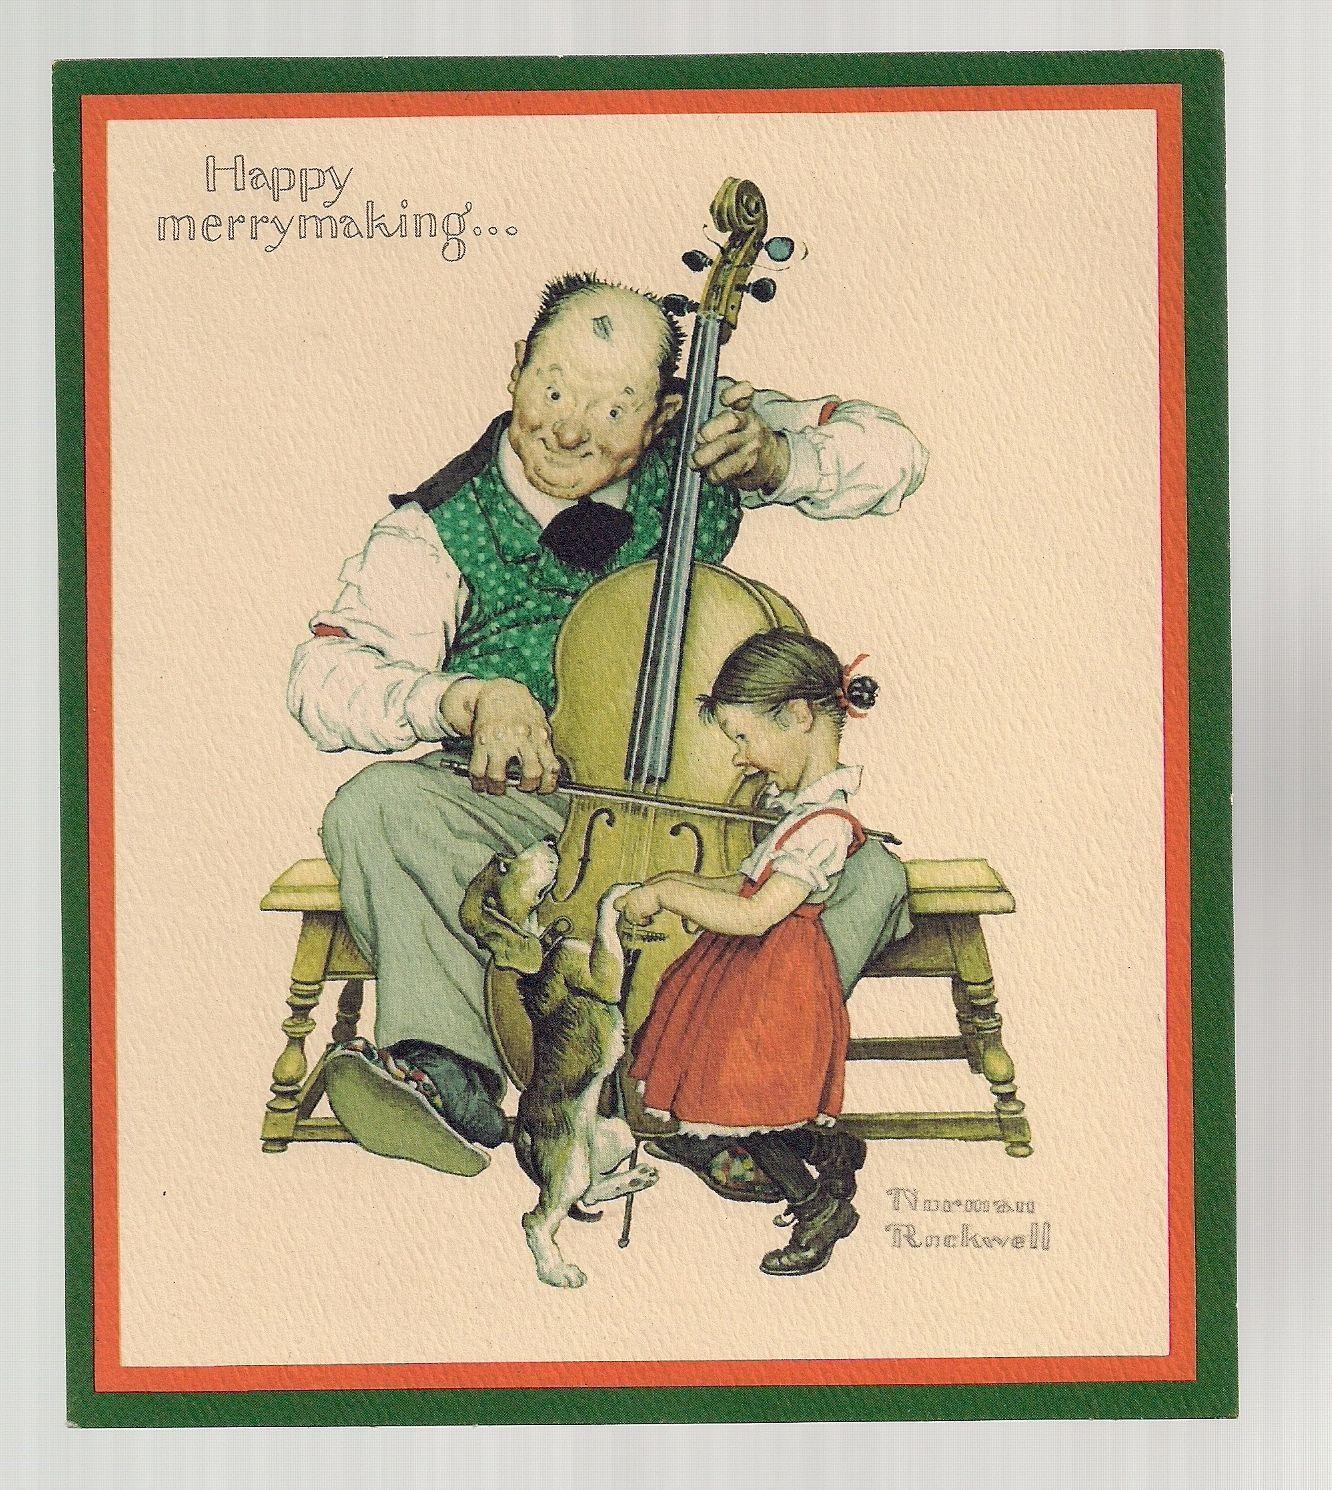 Hallmark Christmas Card: 3 listings